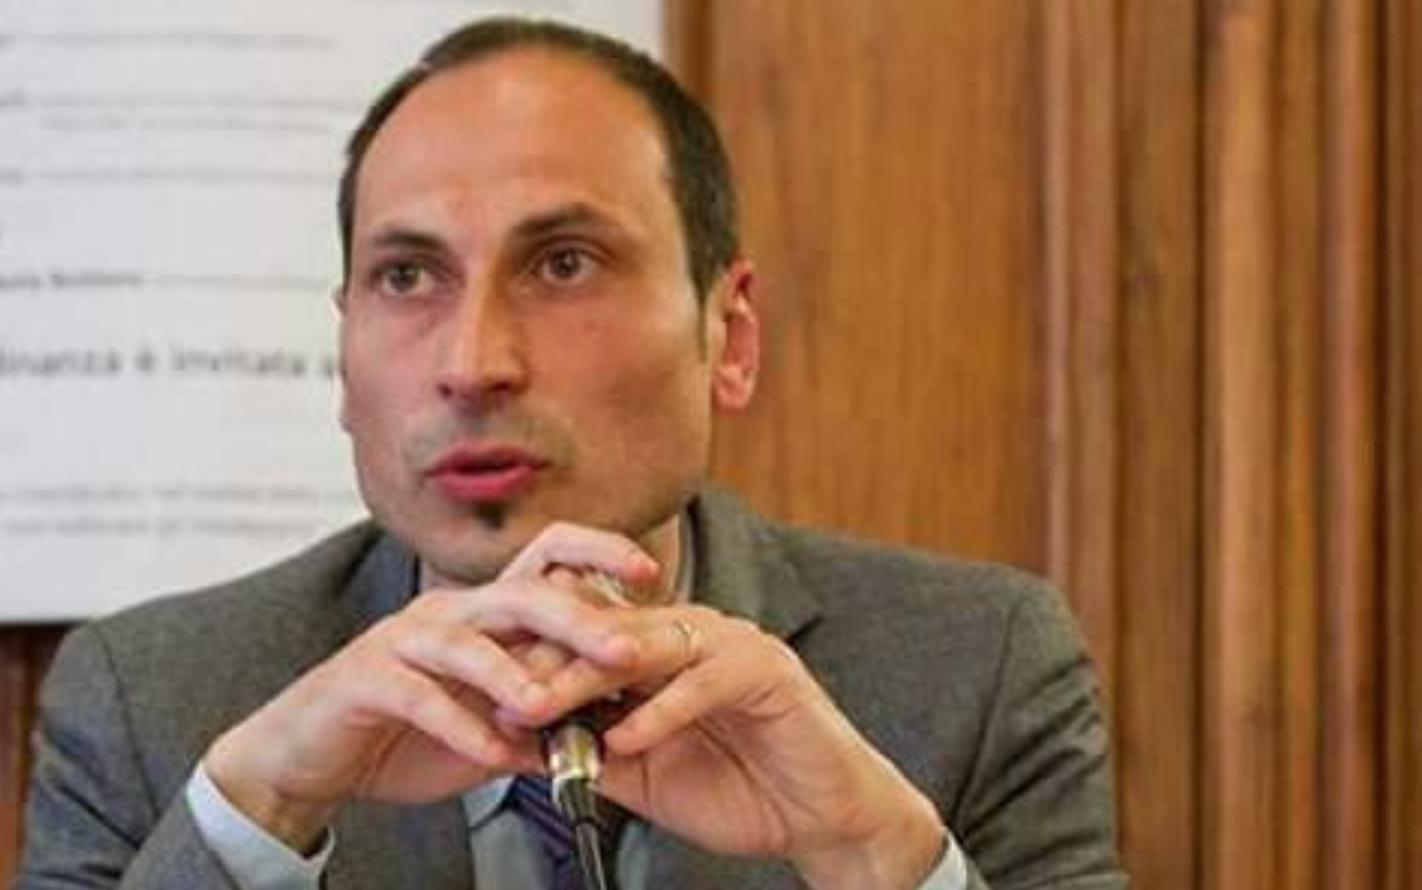 Coronavirus, Delfino: «Grazie al presidente Gerardis che ha sospeso le esecuzioni degli sfratti»